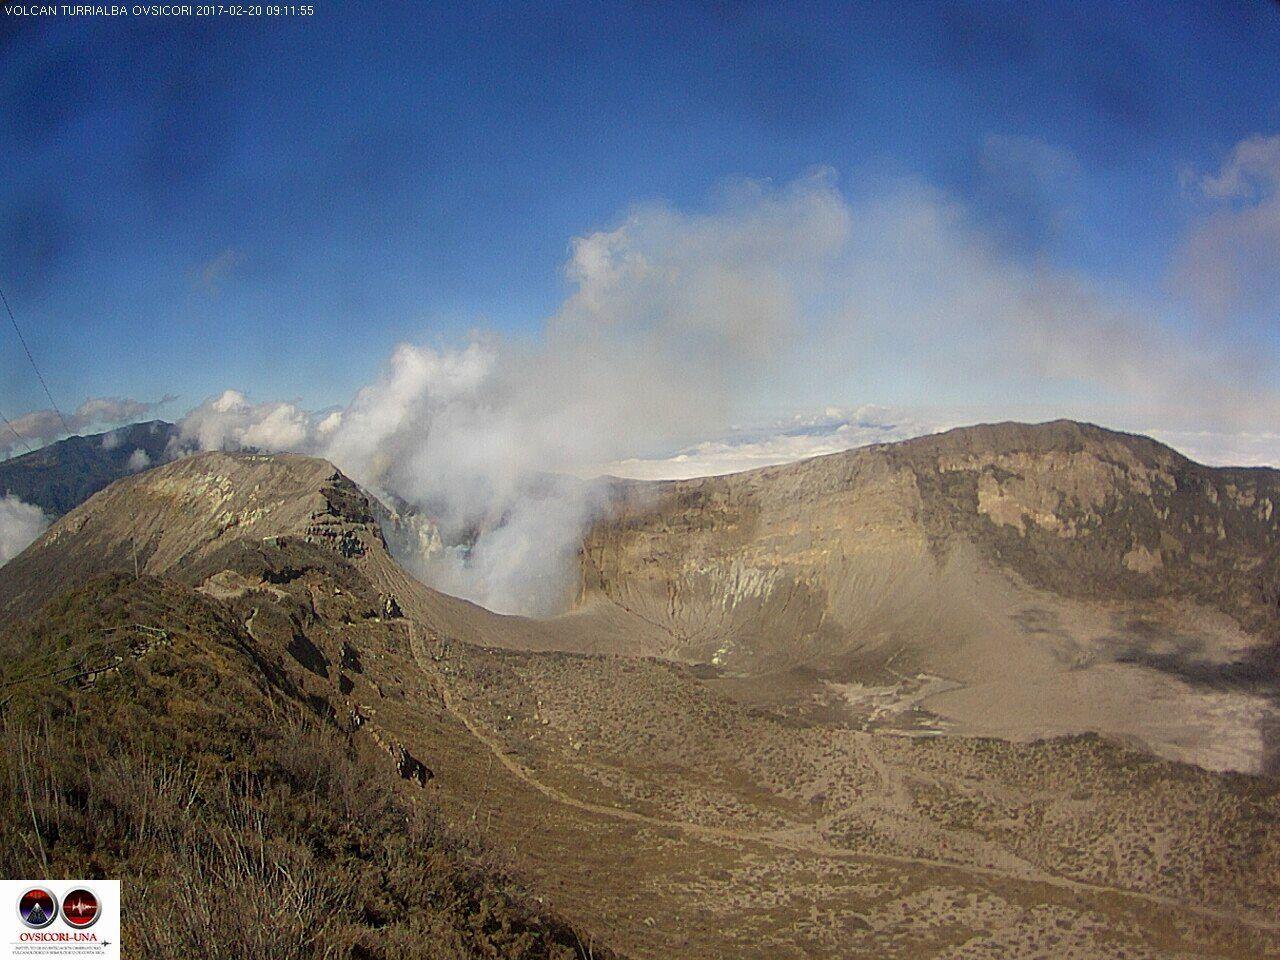 Turrialba - il fallait de la chance hier pour avoir une belle vue sur le cratère, dans les nuages une grande partie de la journée - webcam 20.02.2017 / 9h12  Ovsicori